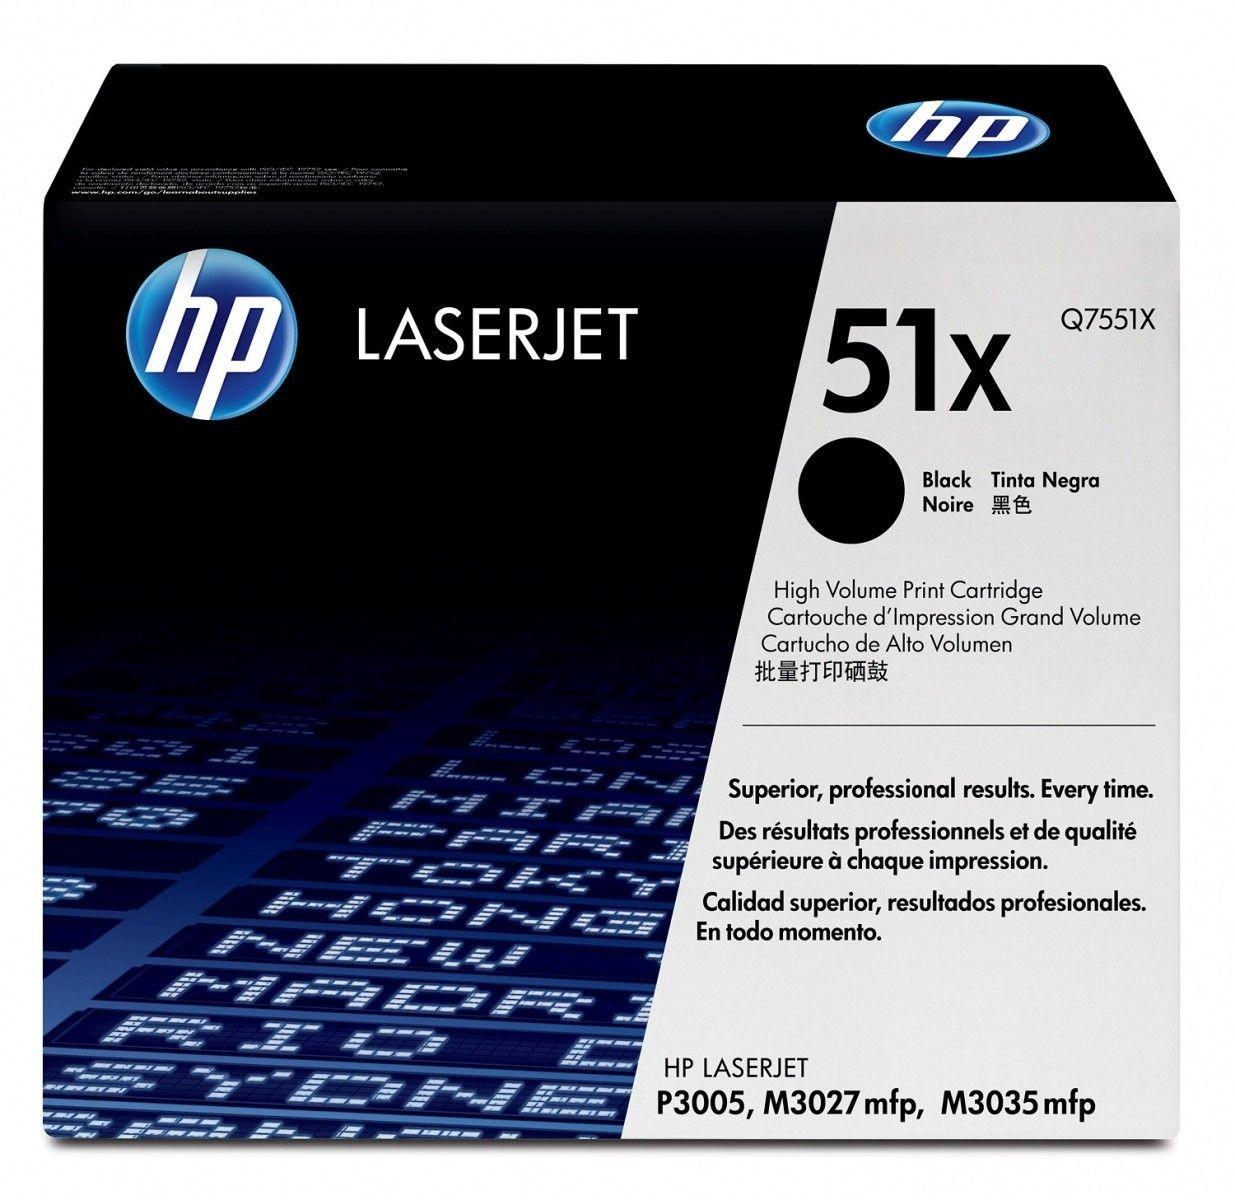 HP Toner LaserJet 3005 Serie 13.0k Q7551X black